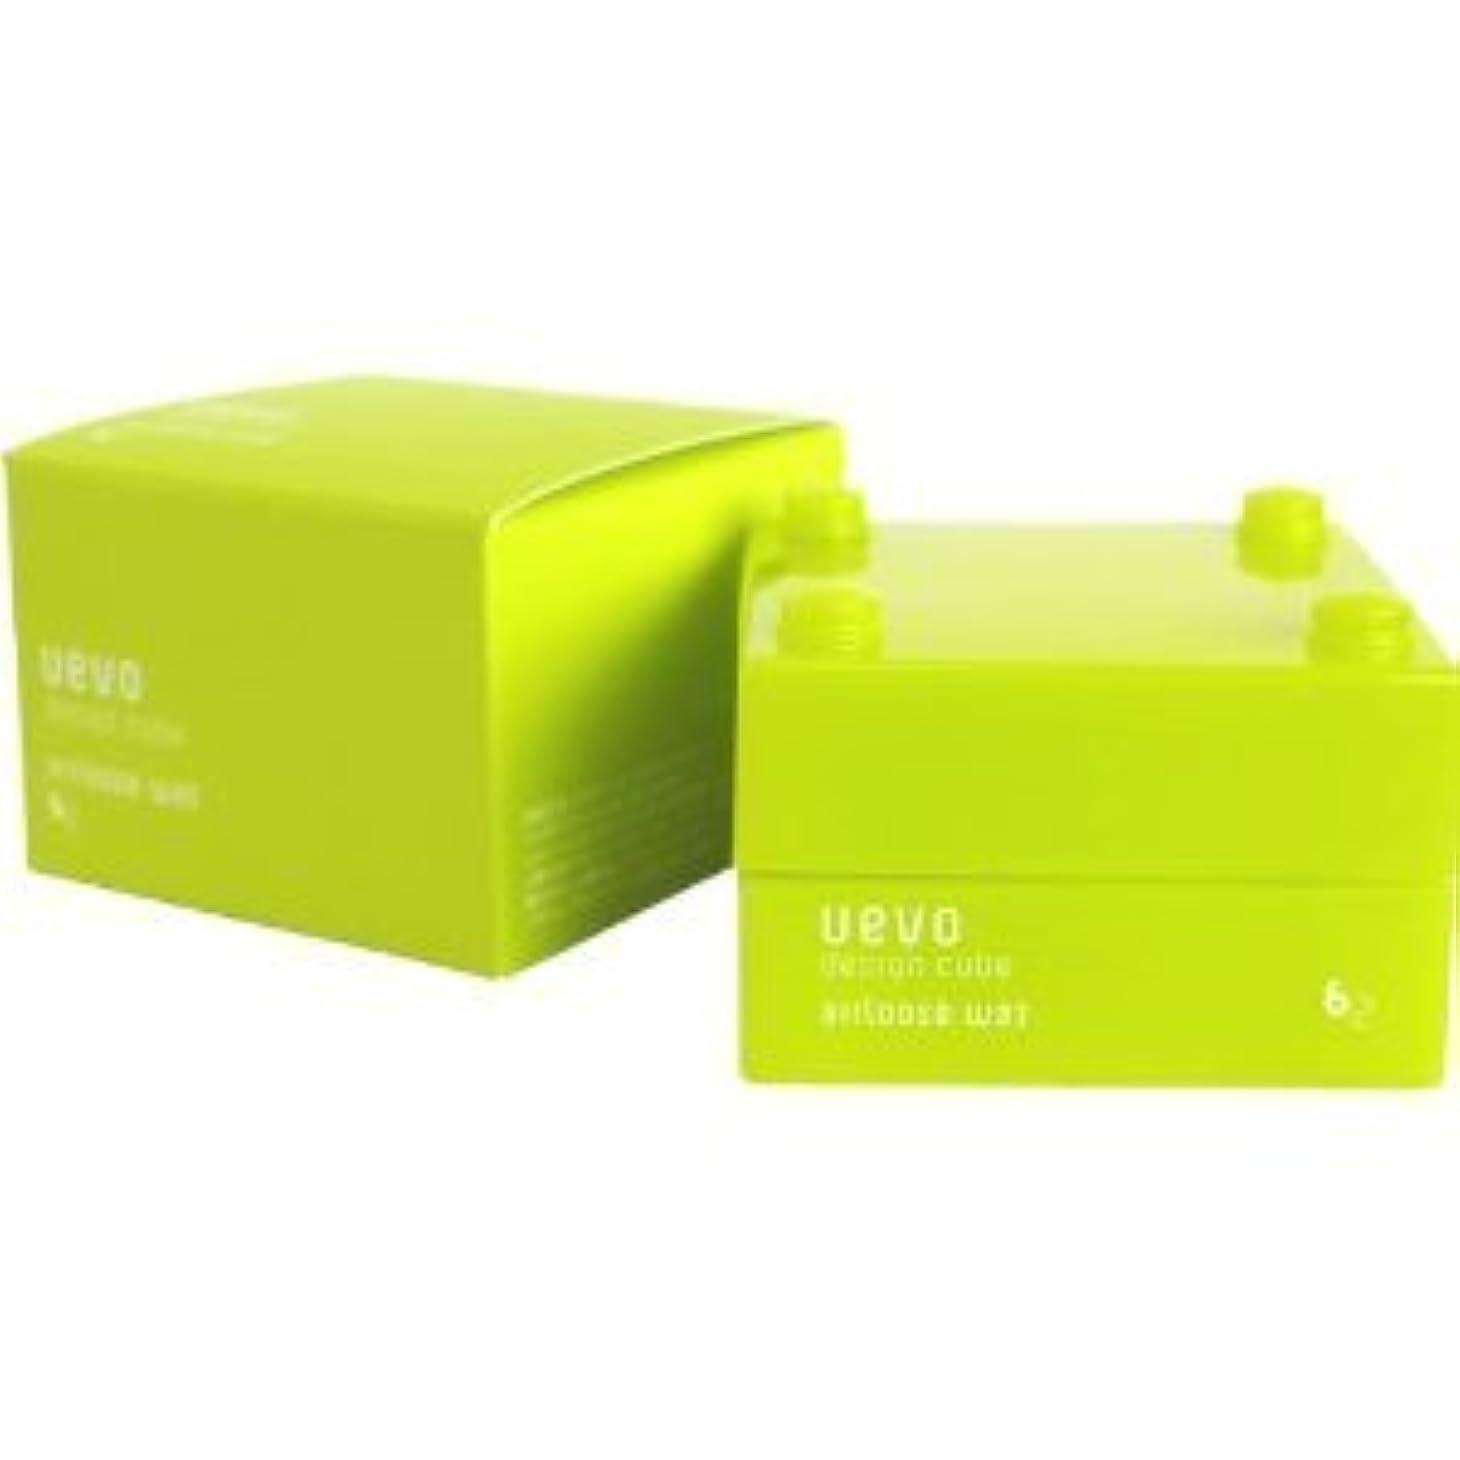 【X2個セット】 デミ ウェーボ デザインキューブ エアルーズワックス 30g airloose wax DEMI uevo design cube